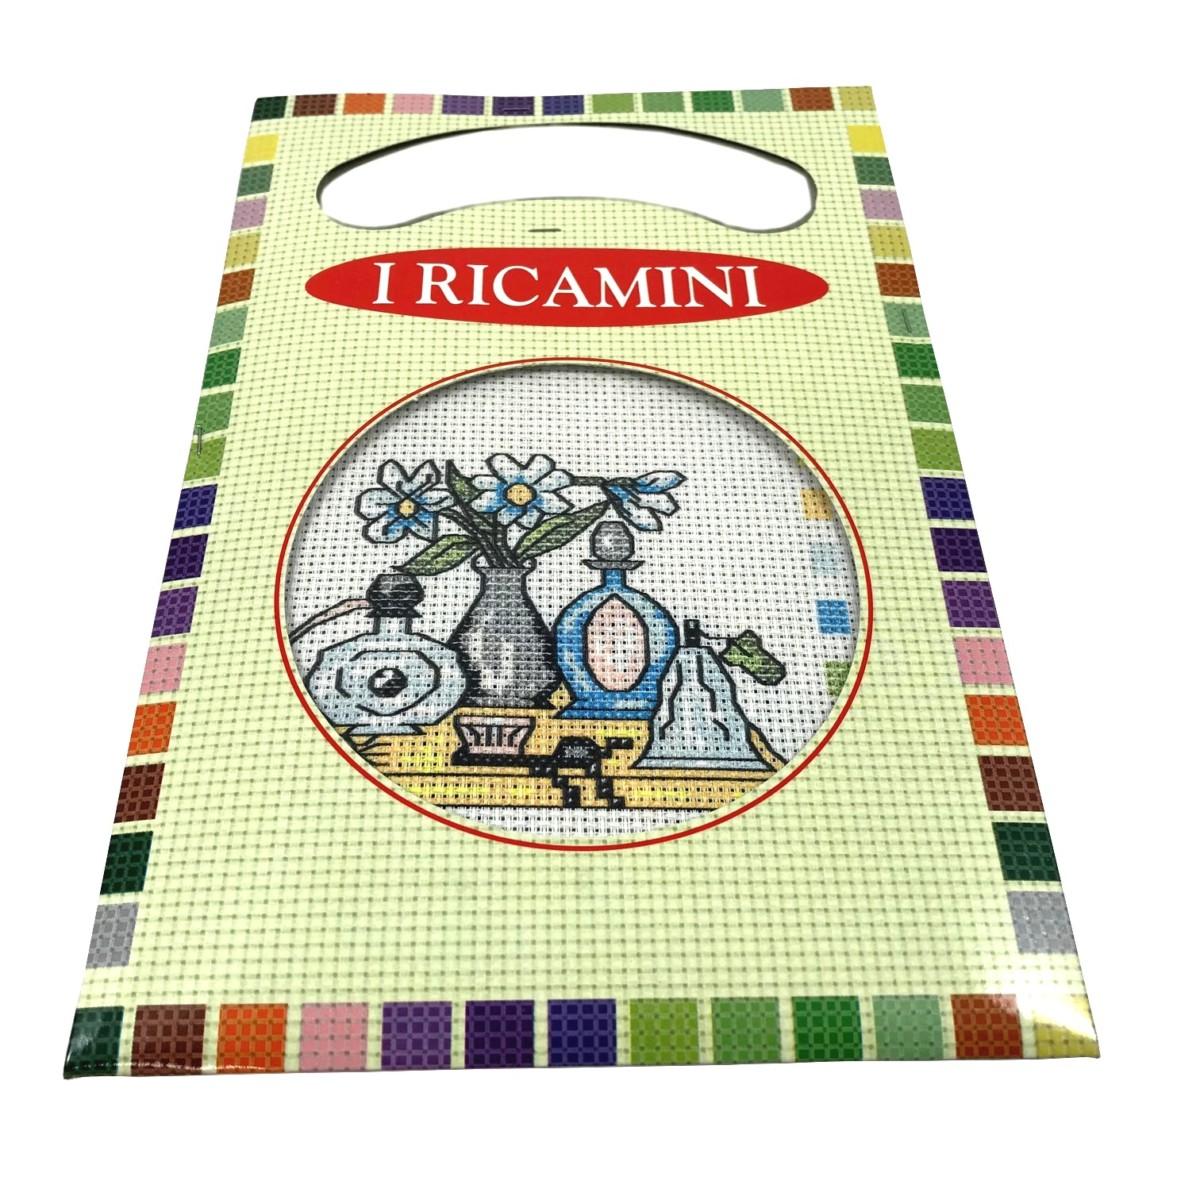 I Ricamini